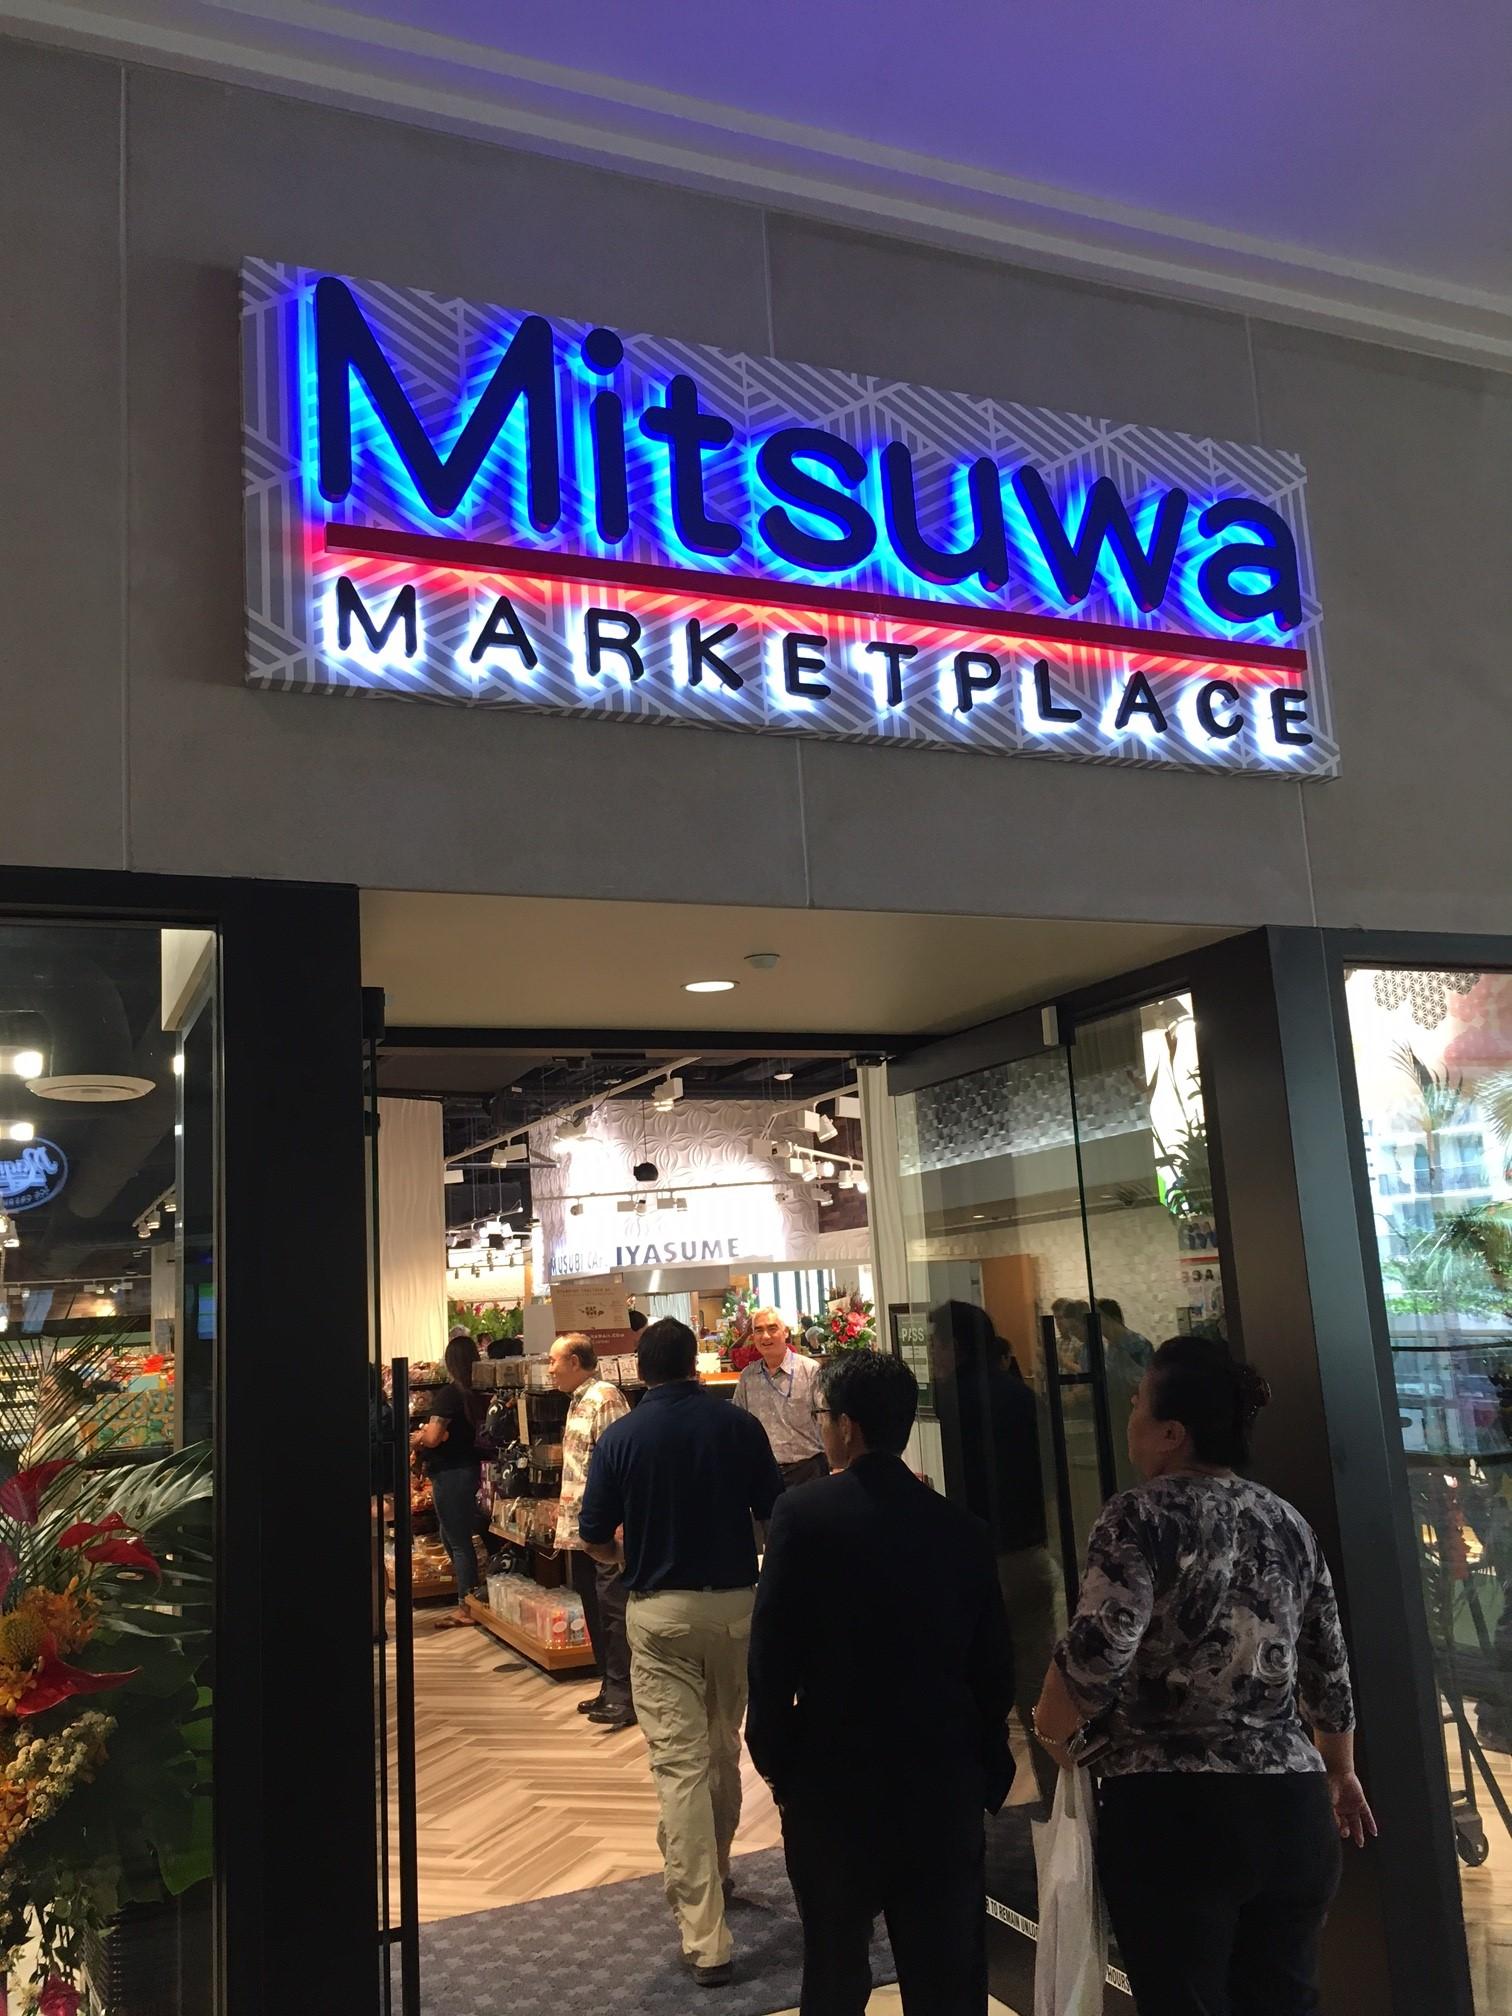 ハワイワイキキのタイムシェア滞在者なら日本の食材はミツワでゲット!